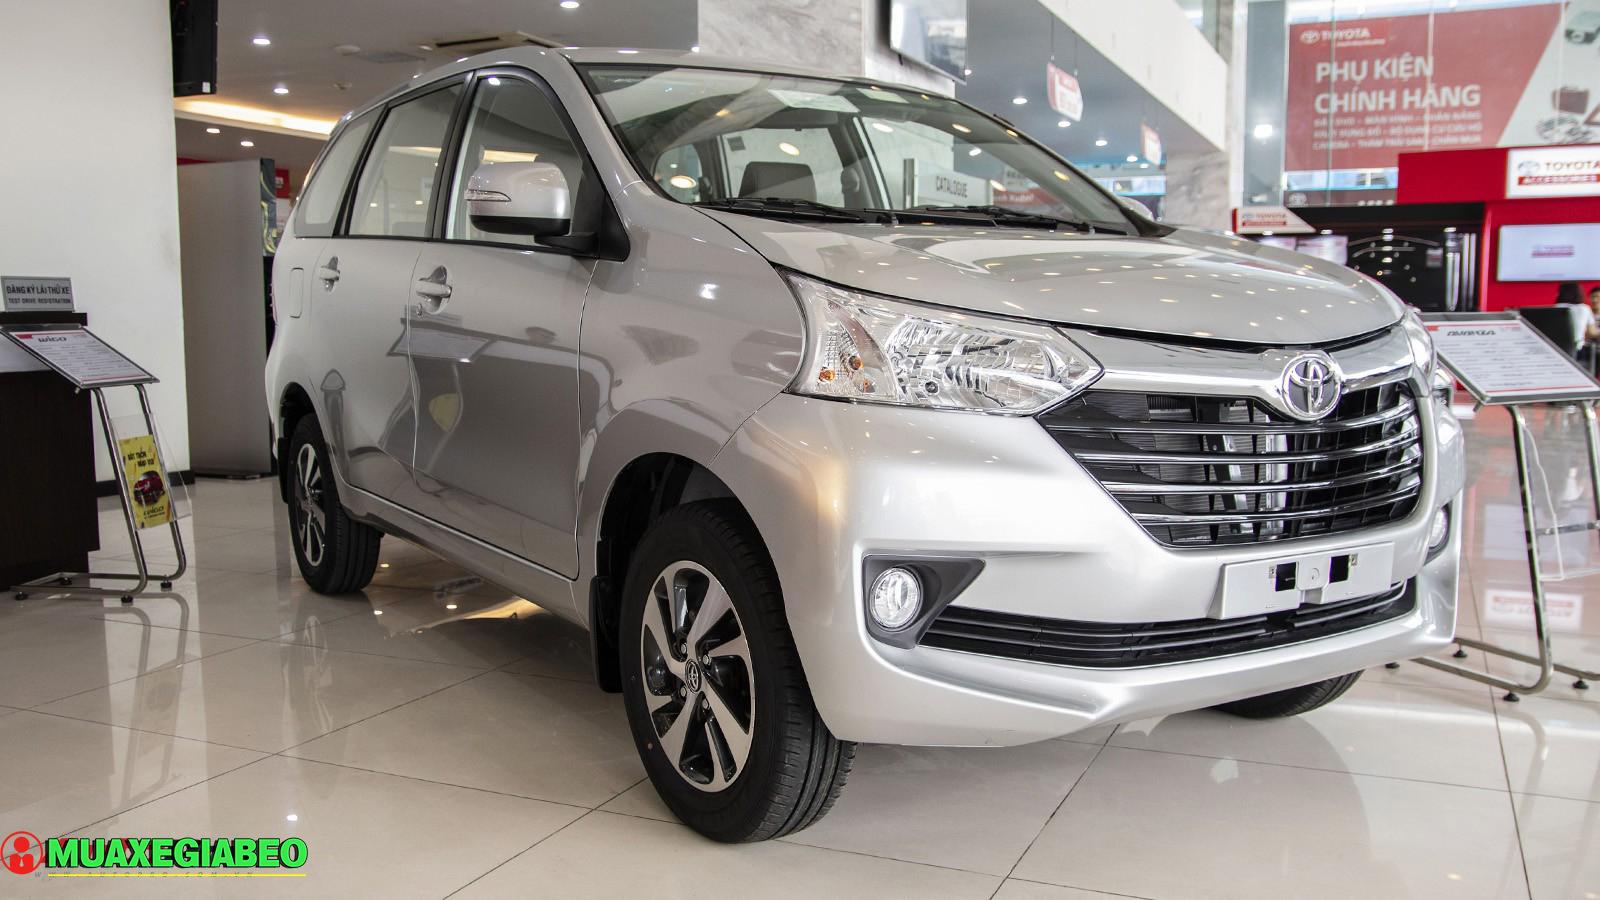 Đánh giá xe Toyota Avanza ảnh 16 - Toyota Avanza: thông số và giá xe tháng [hienthithang]